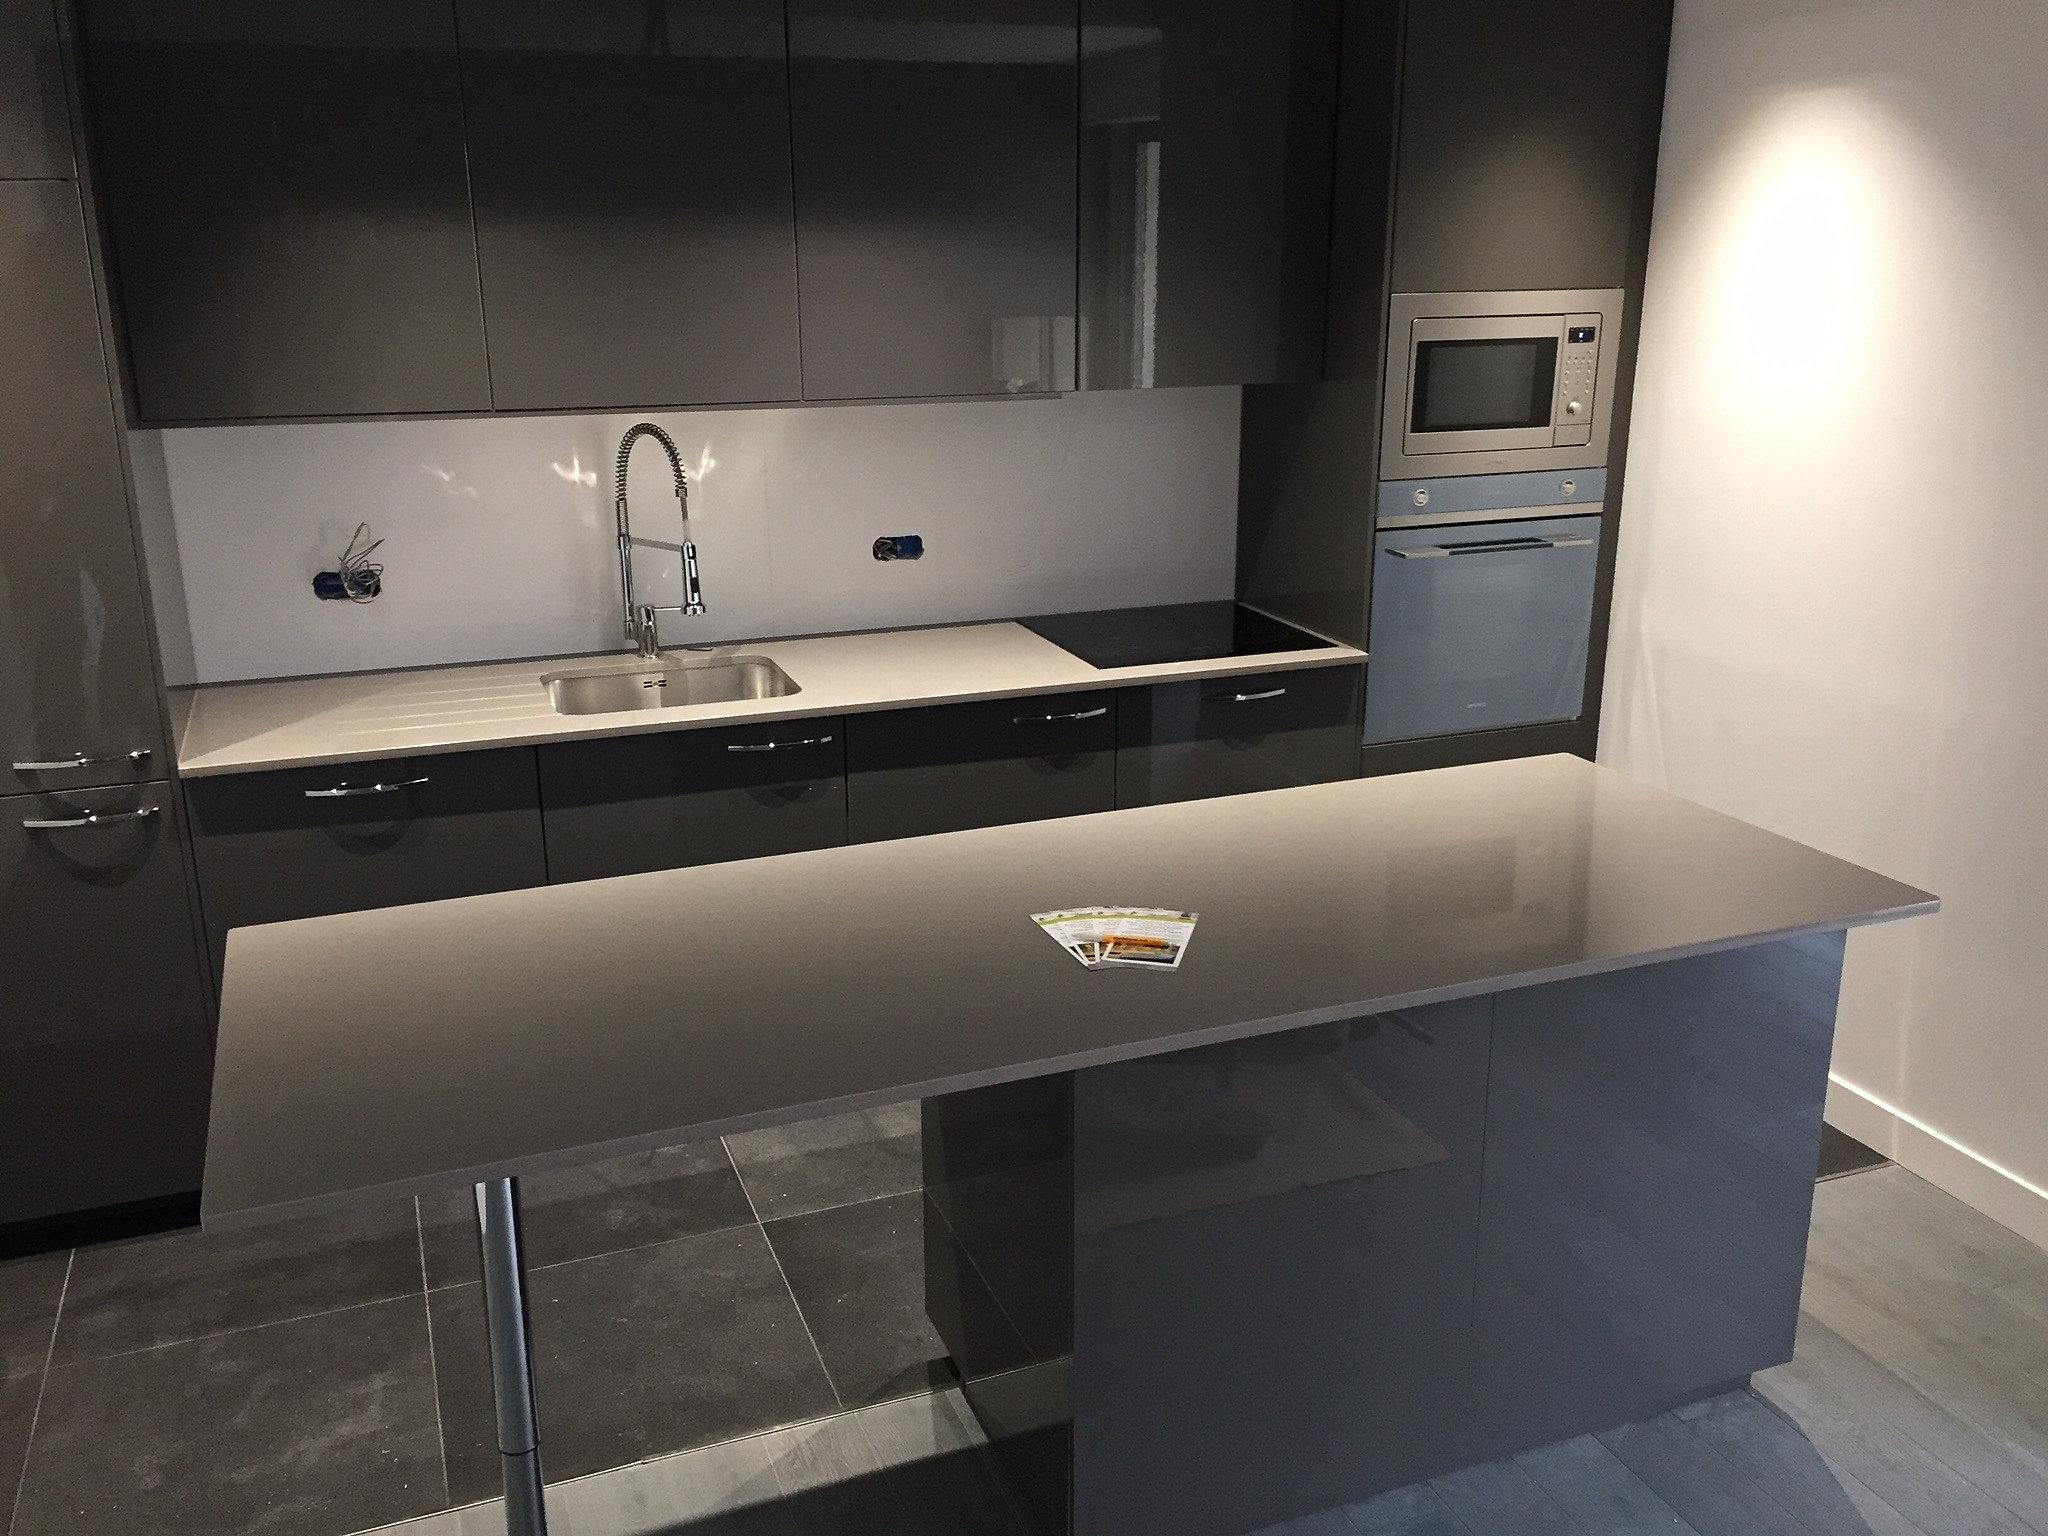 Plan de travail granit quartz table en mabre paris - Plan de travail cuisine inox ...